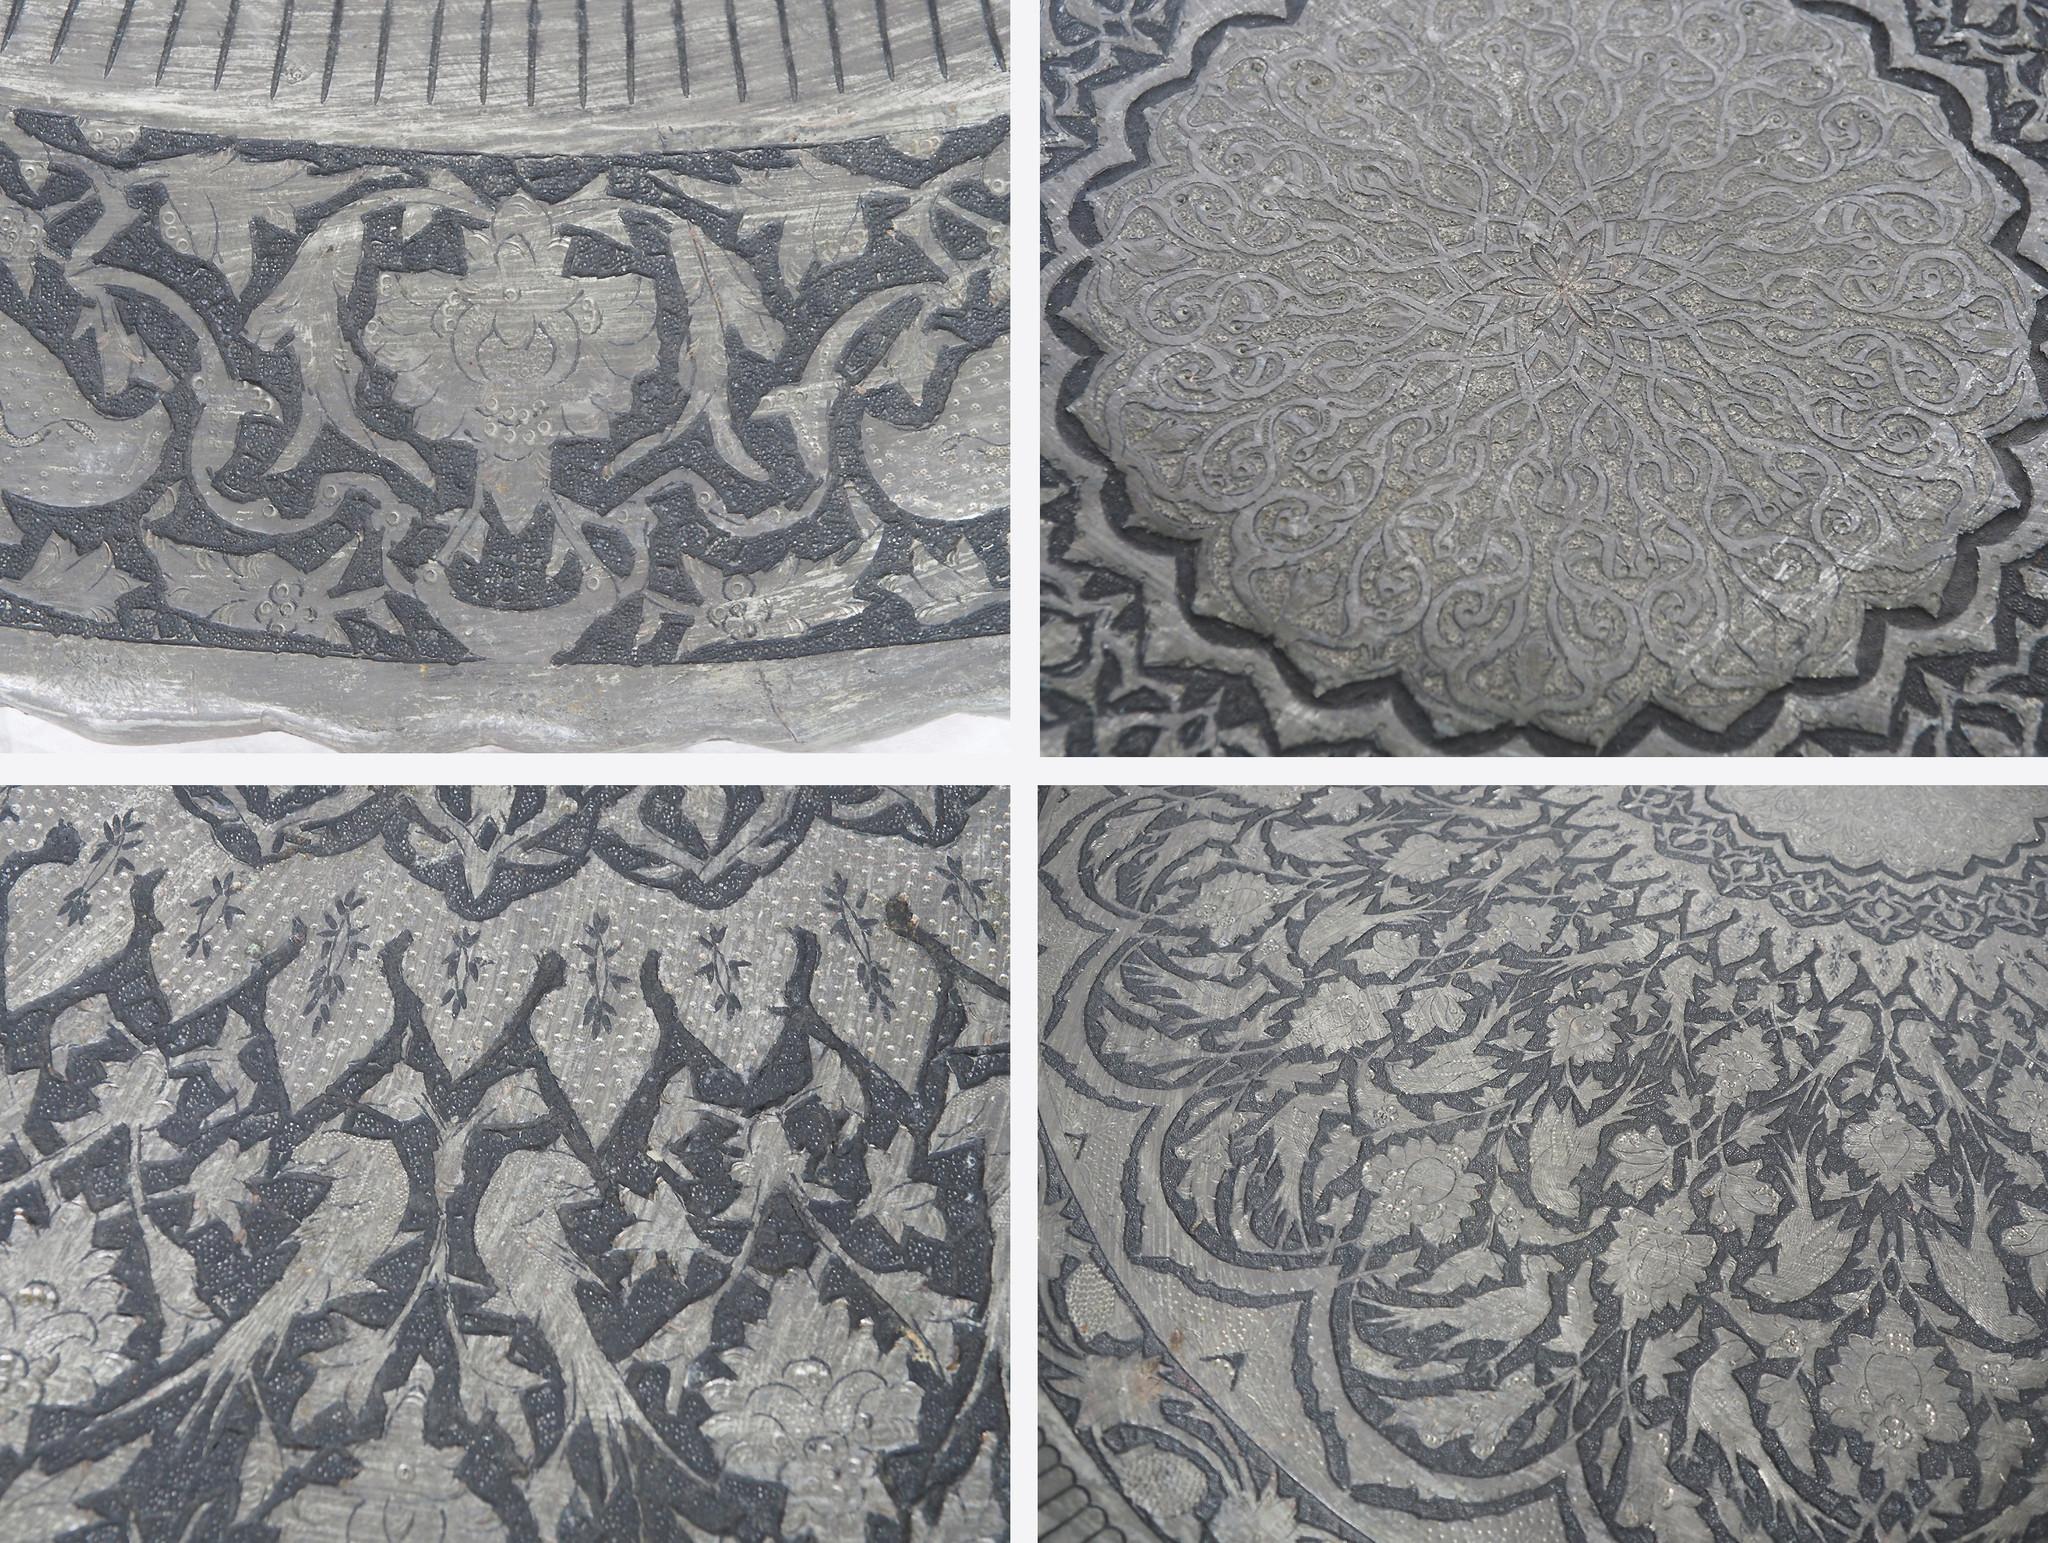 93 Ø antik osmanisch ägyptisch marokkanisch orient Kupfer tablett Teetisch Teller beisteltisch Afghanistan syrien arabische kalligraphie  21/2